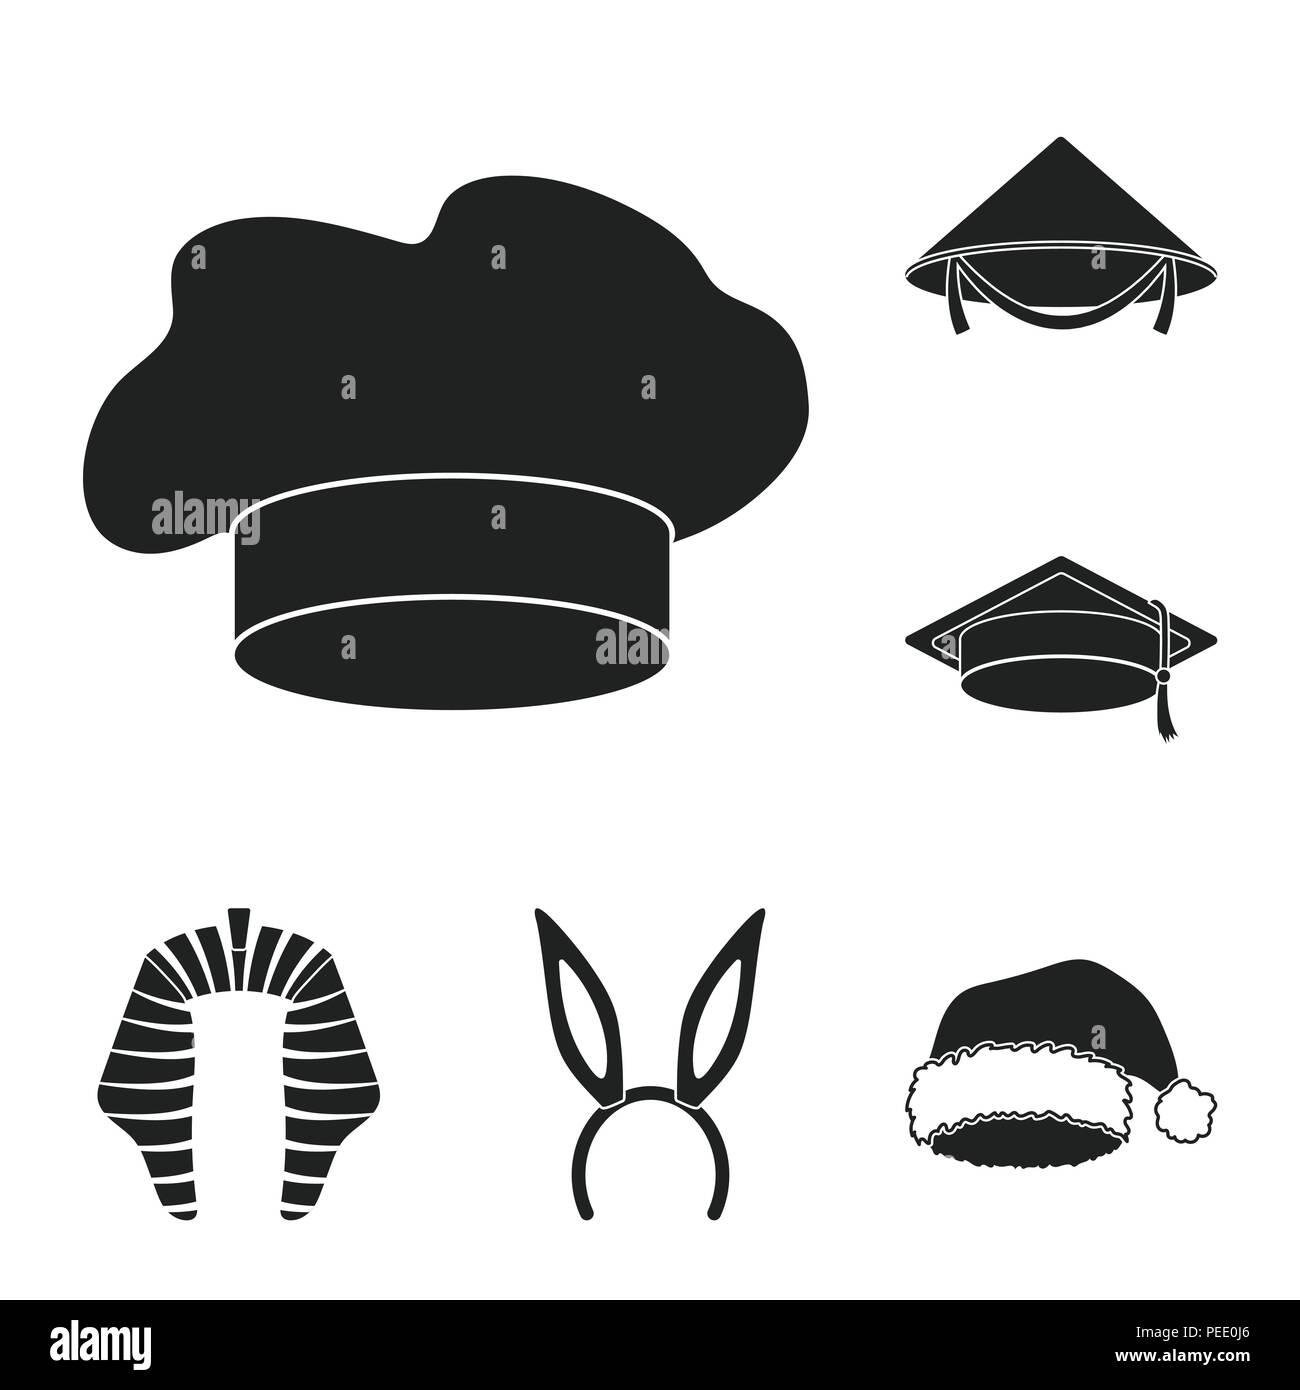 Diversi tipi di cappelli icone nere in set di raccolta per design.copricapo  simbolo vettore illustrazione stock. 76bf6c9e6ccd